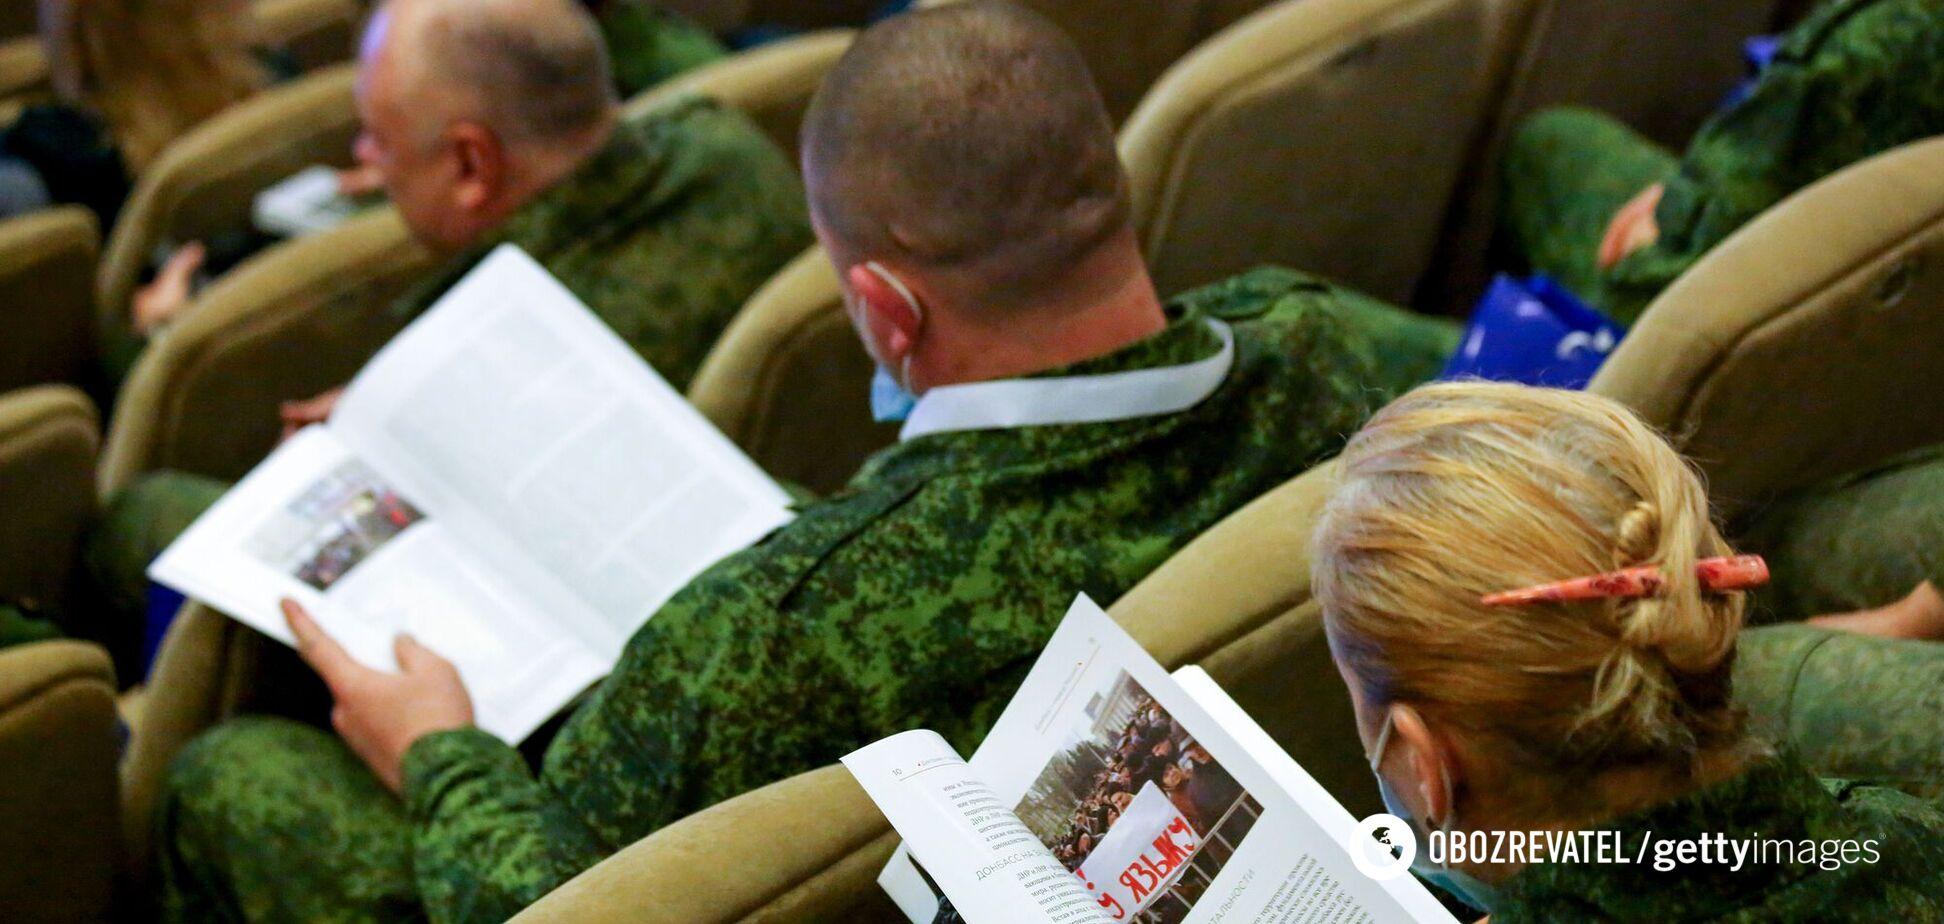 Участники Интеграционного форума 'Российский Донбасс' рассматривают копии доктрины российского Донбасса в Центре славянской культуры